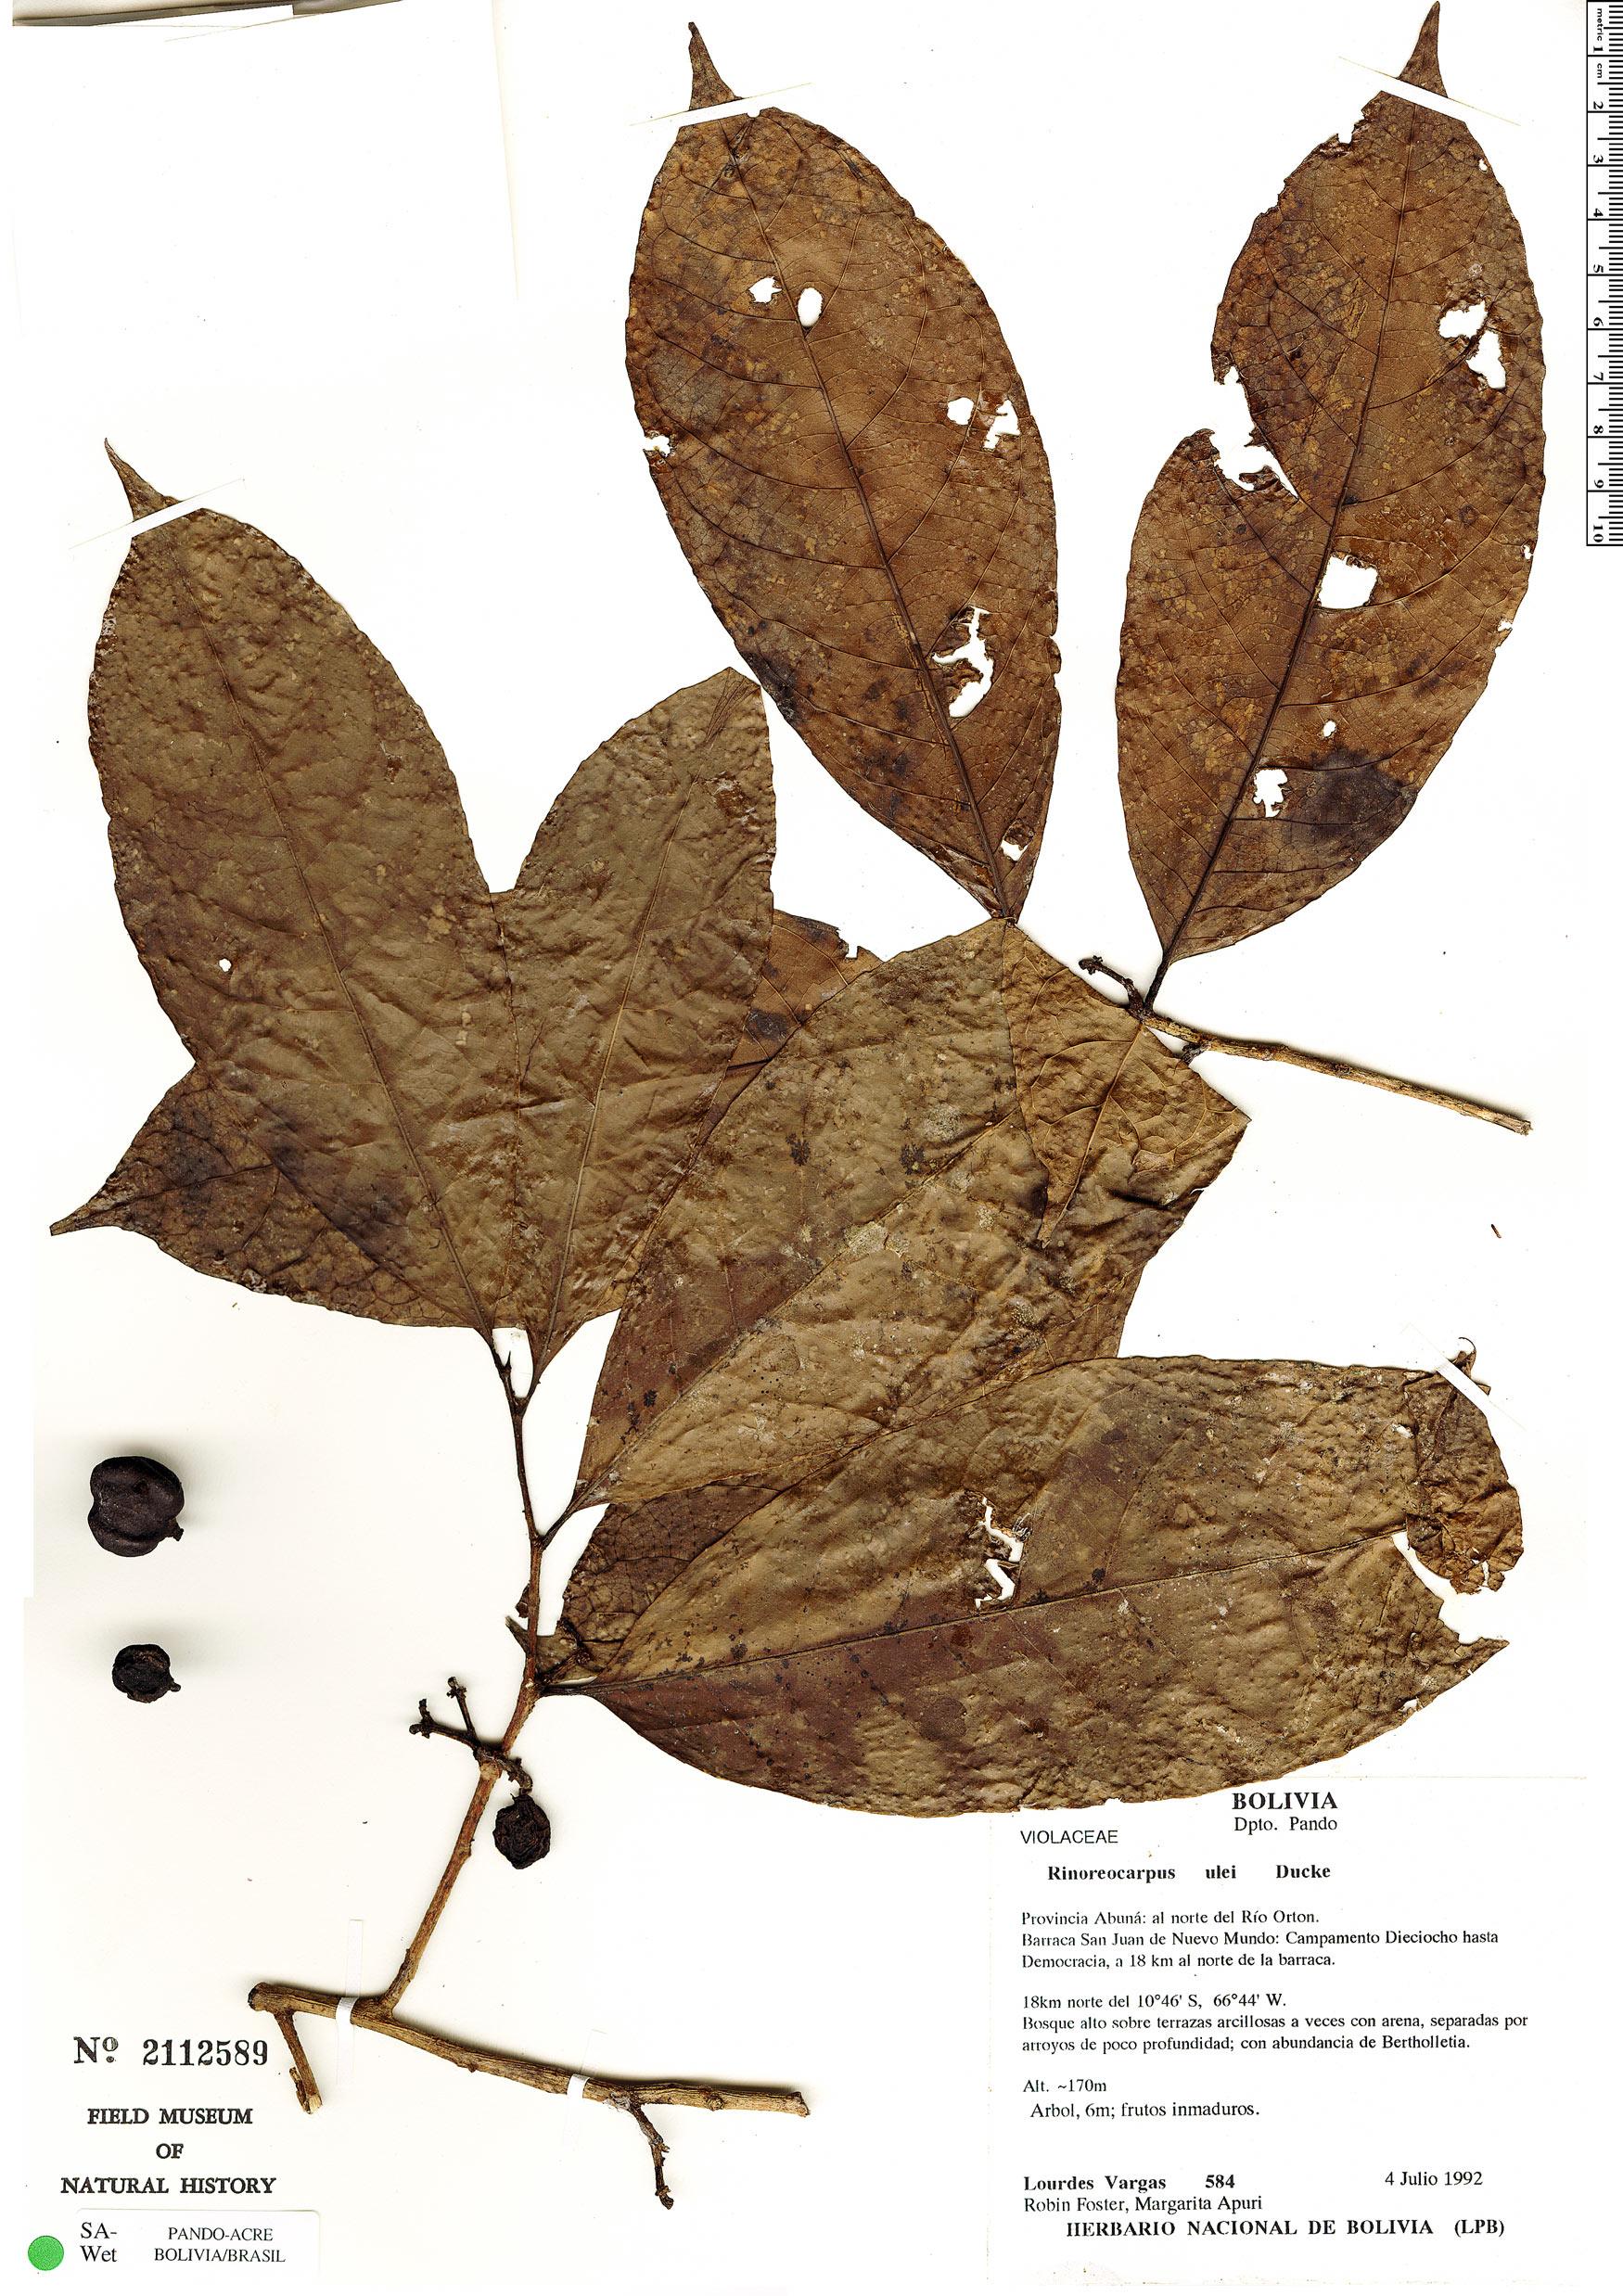 Specimen: Rinoreocarpus ulei